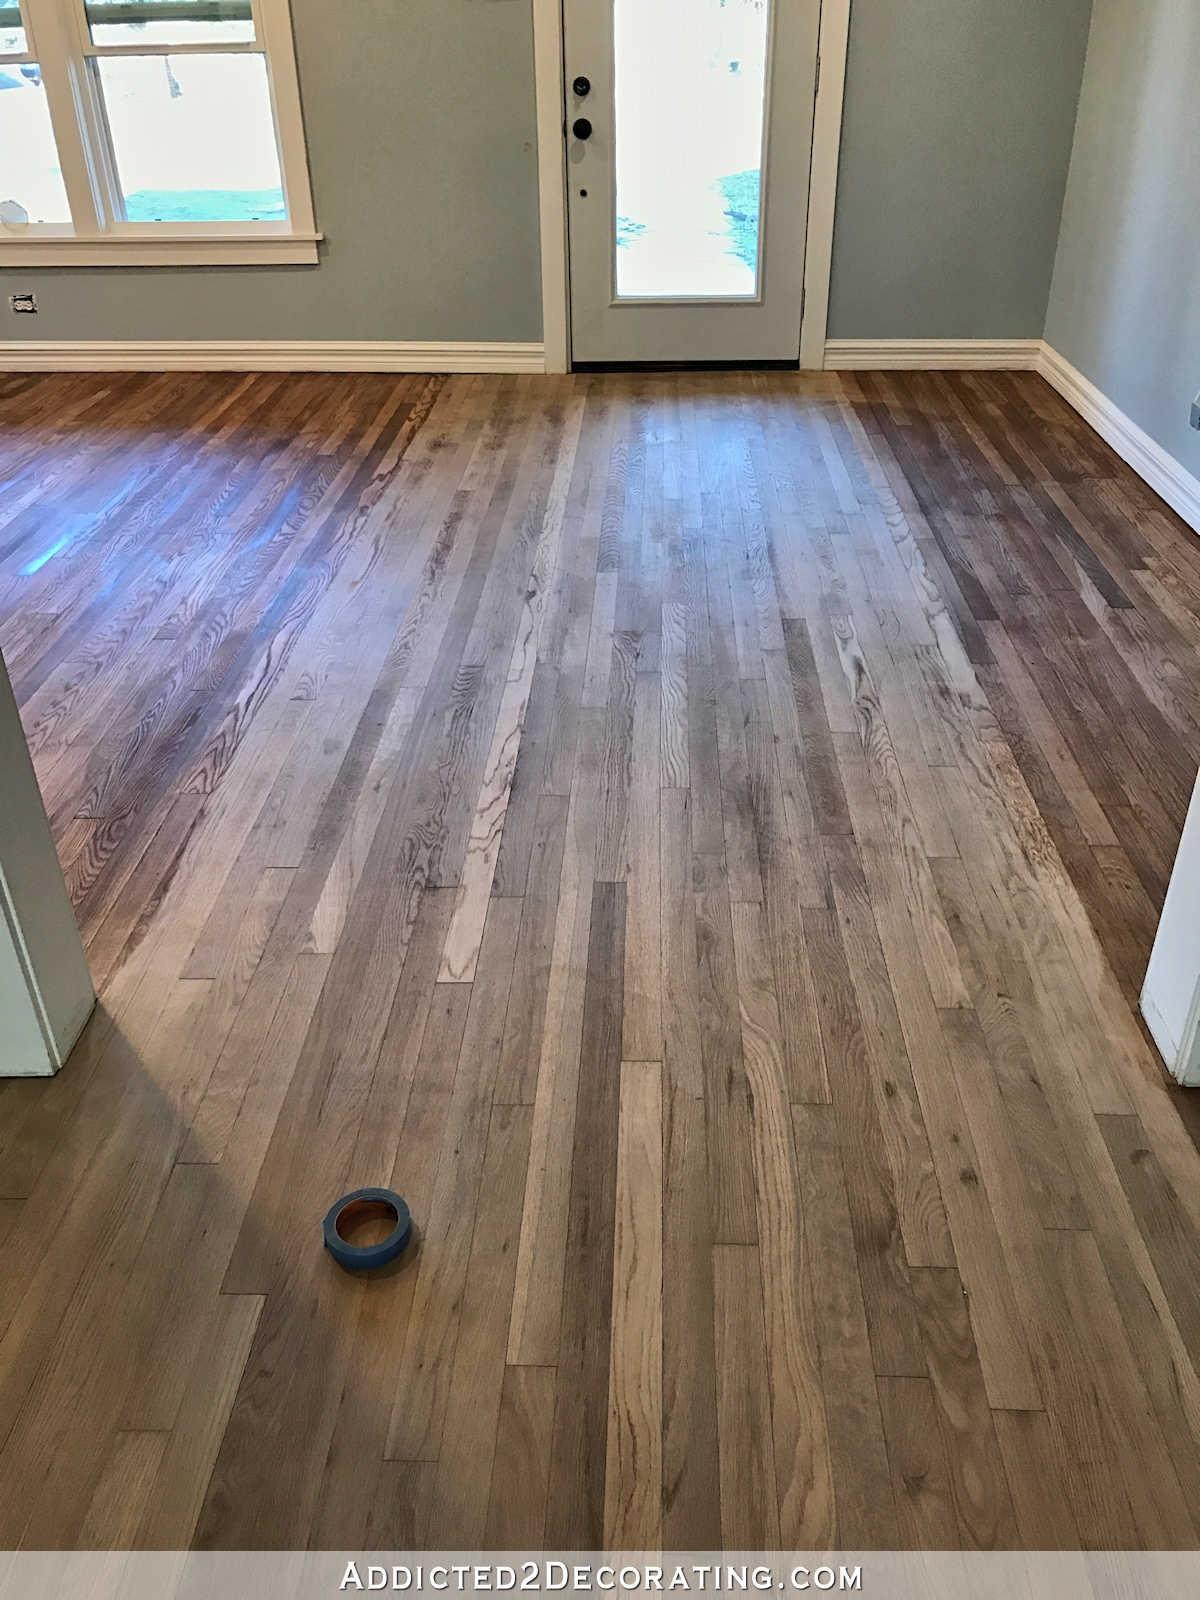 white oak hardwood flooring finished of 15 elegant white oak hardwood flooring pictures dizpos com intended for white oak hardwood flooring new adventures in staining my red oak hardwood floors products